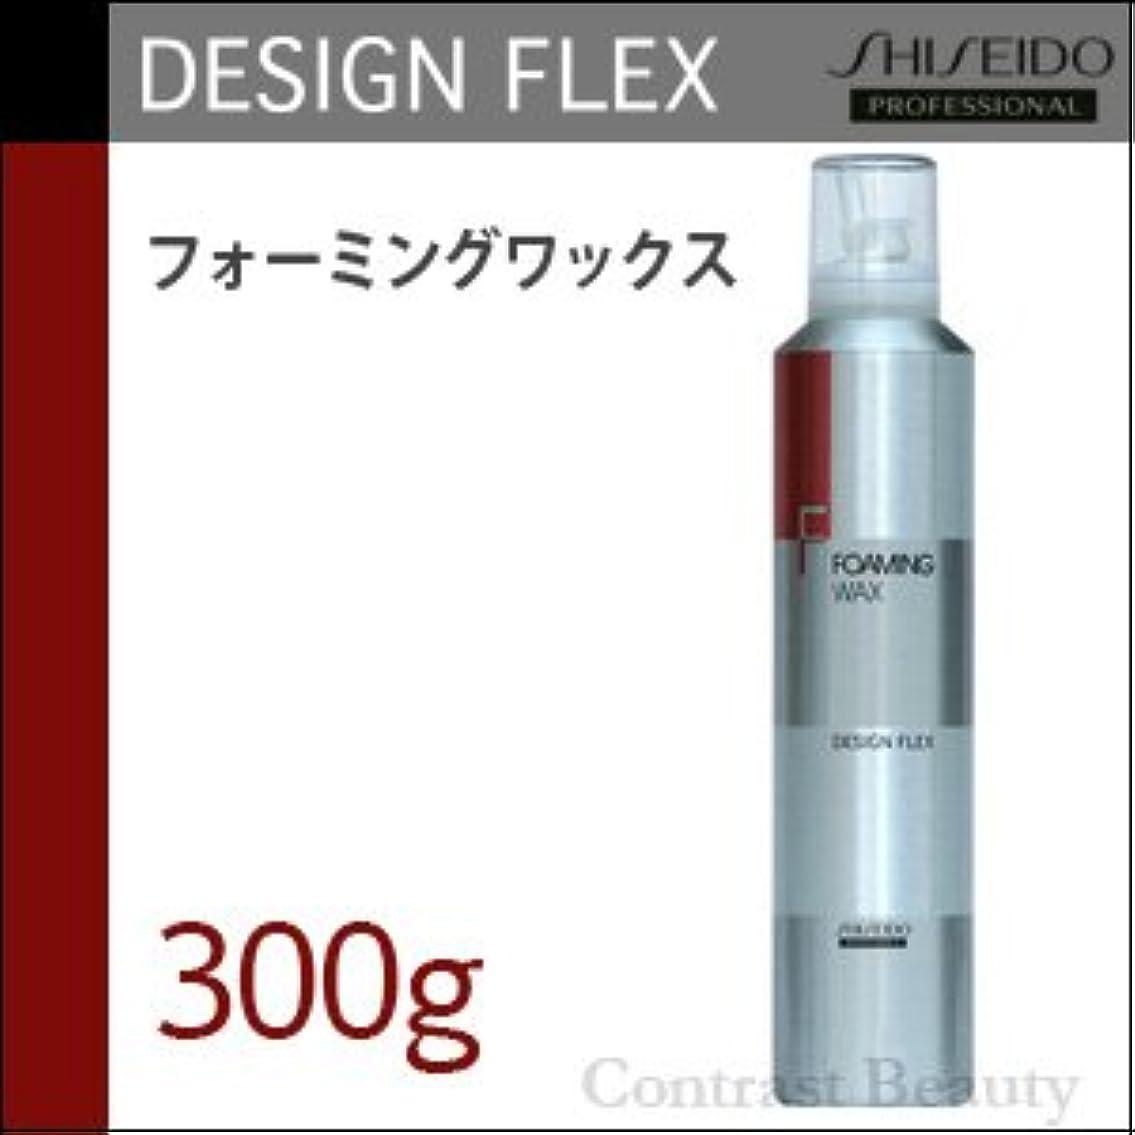 濃度戸惑う高尚な【x2個セット】 資生堂 デザインフレックス フォーミングワックス 300g